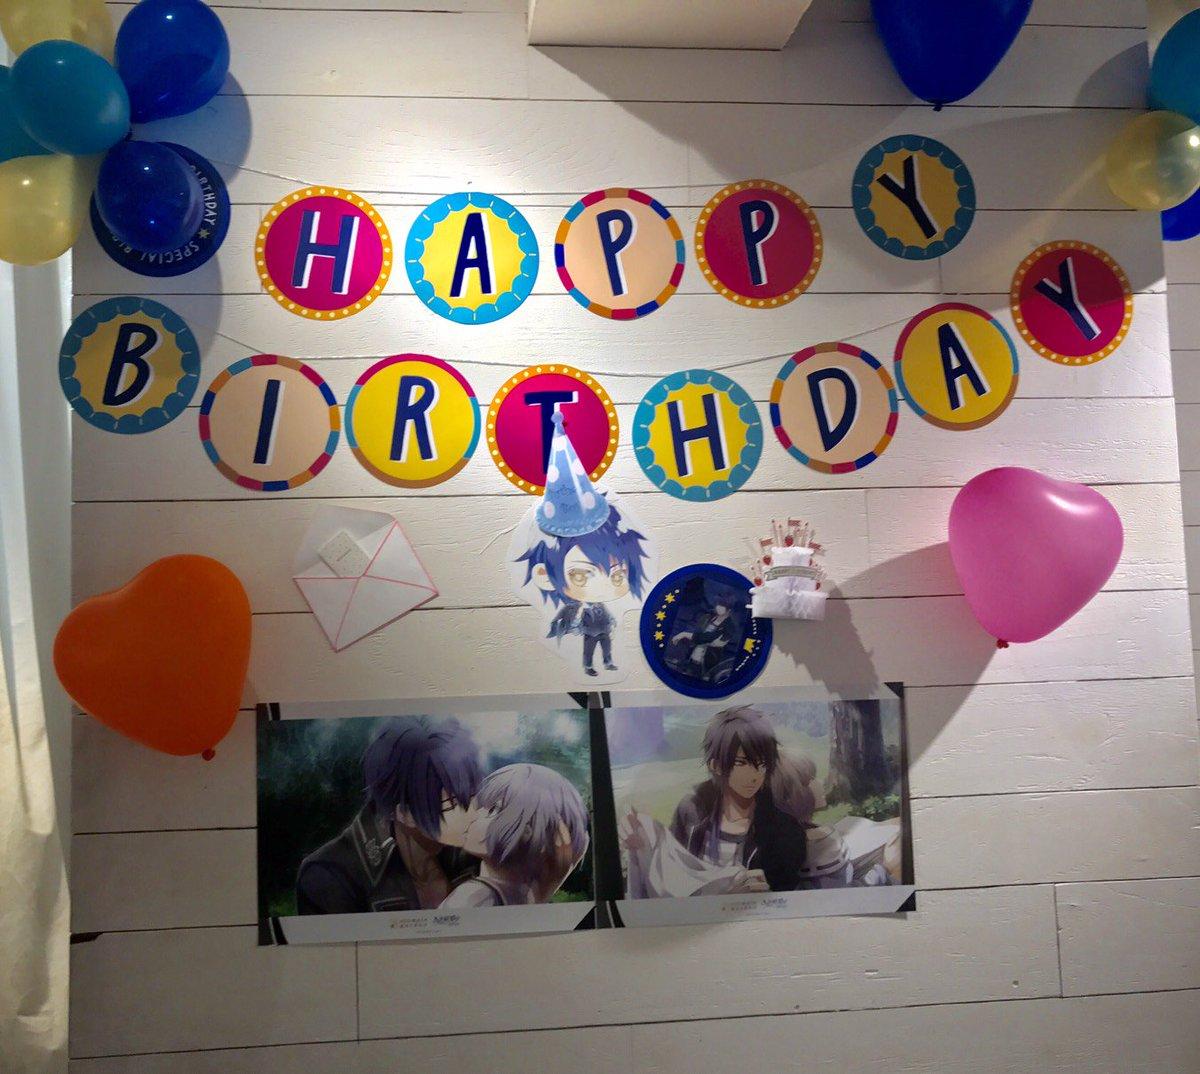 本日は現在コラボレーション中の「NORN9~ノルン+ノネット~」宿吏暁人の誕生日です! HappyBirthday 暁人